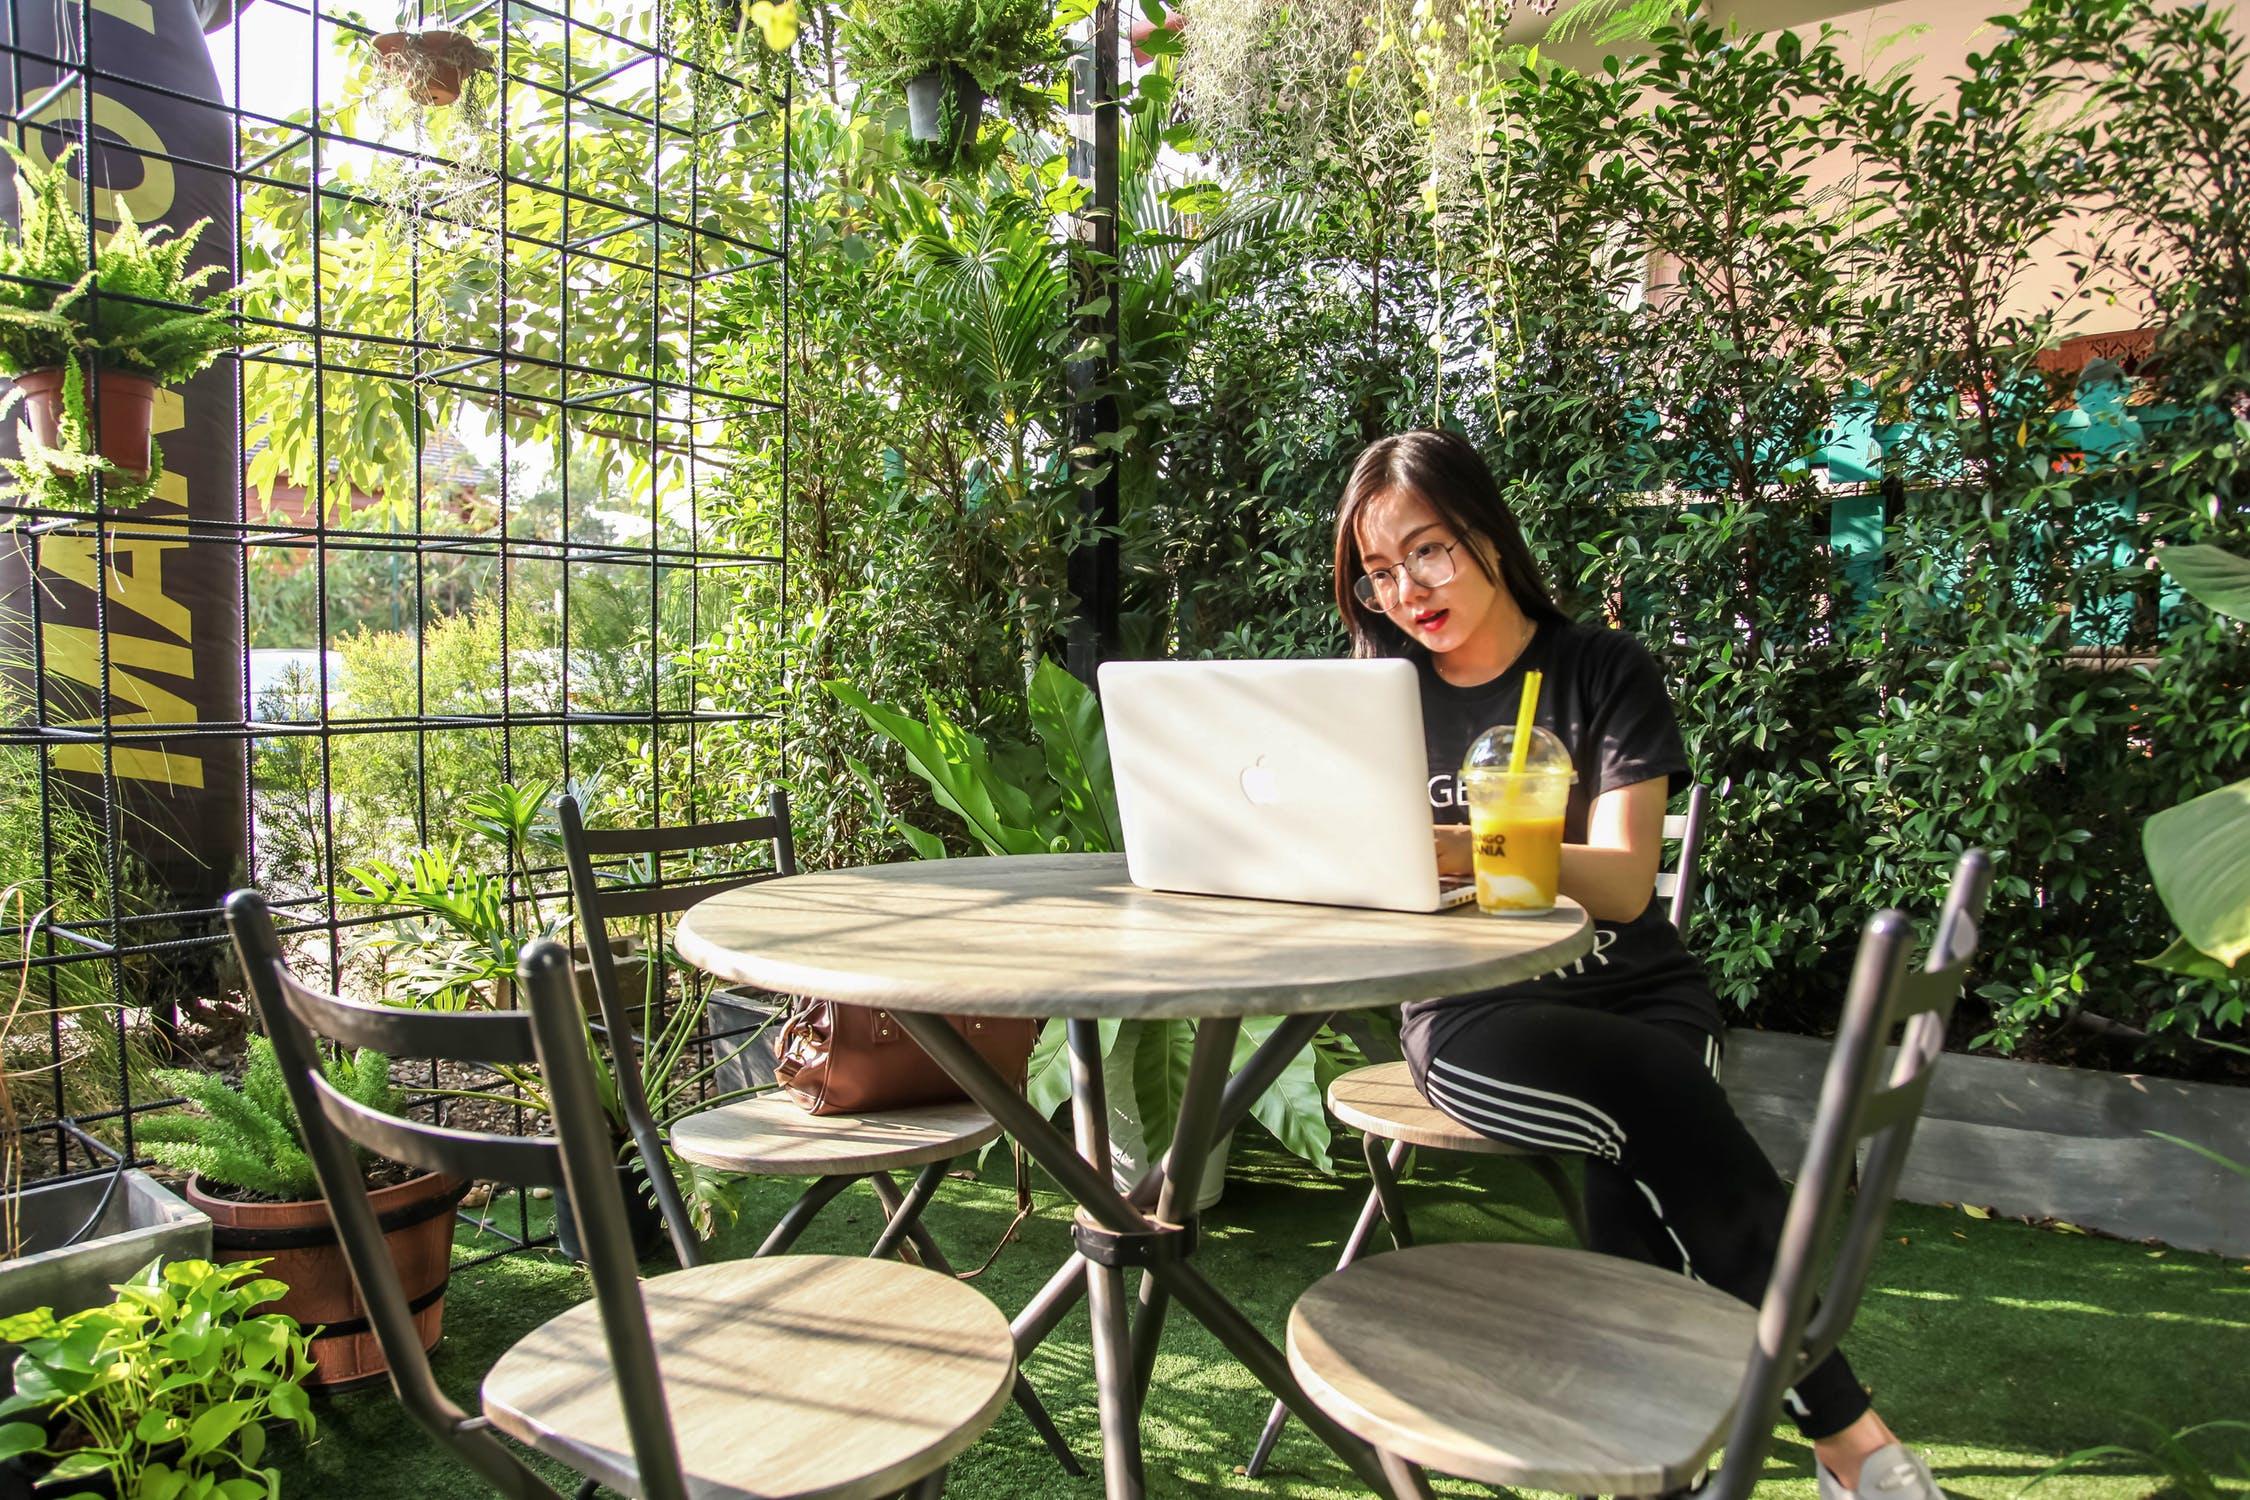 Meble aluminiowe - prawdziwy hit dla Twojego ogrodu! - Zdjęcie główne